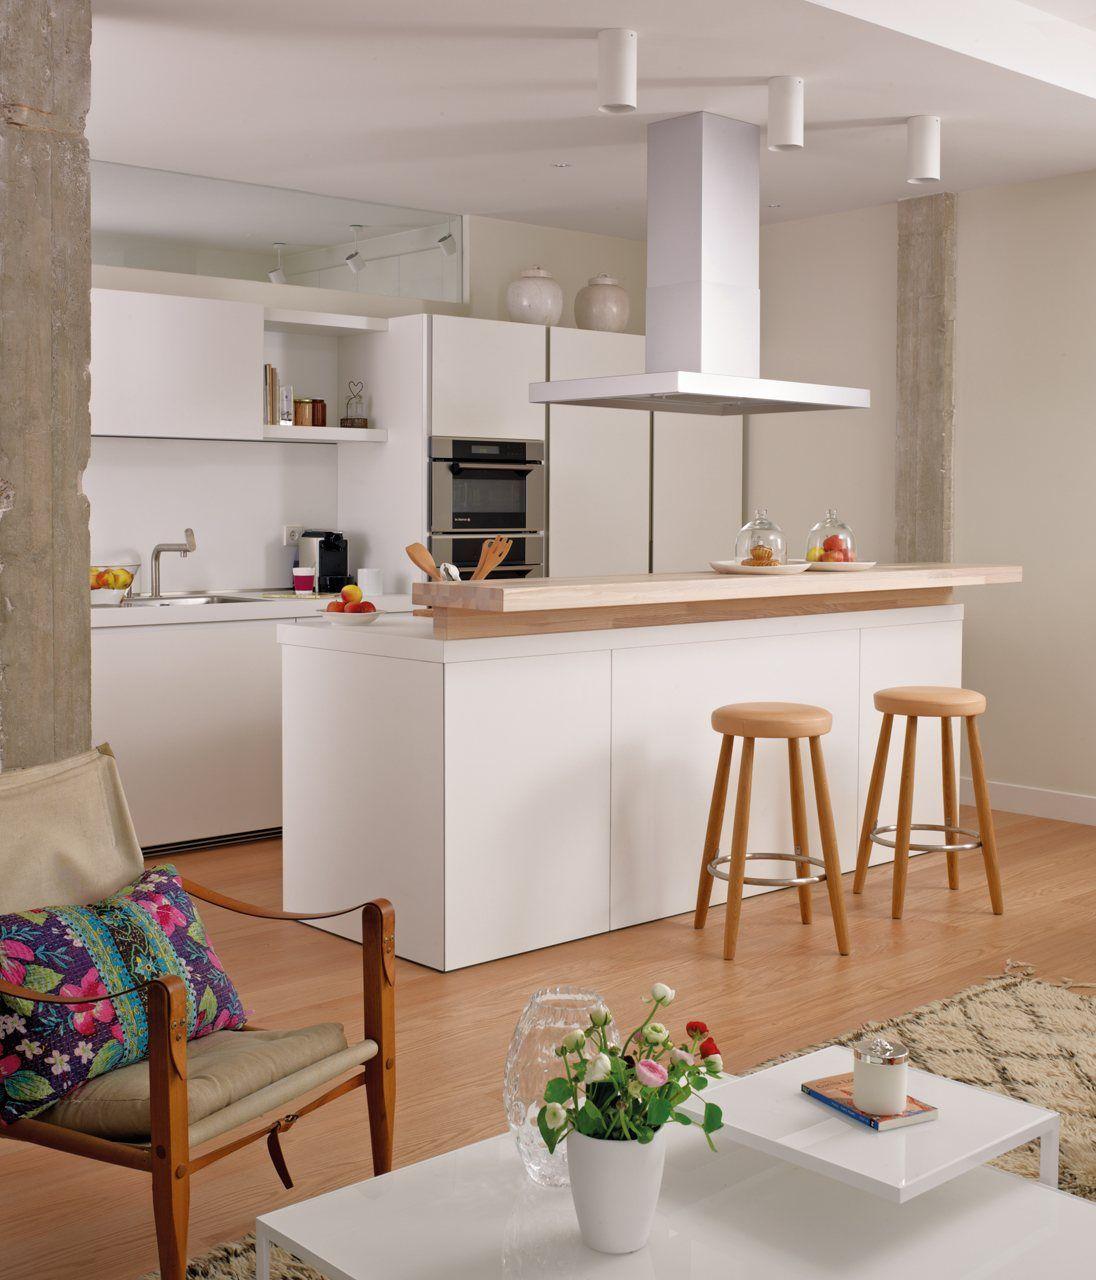 cocinas mini muy pr cticas kitchens ideas para and